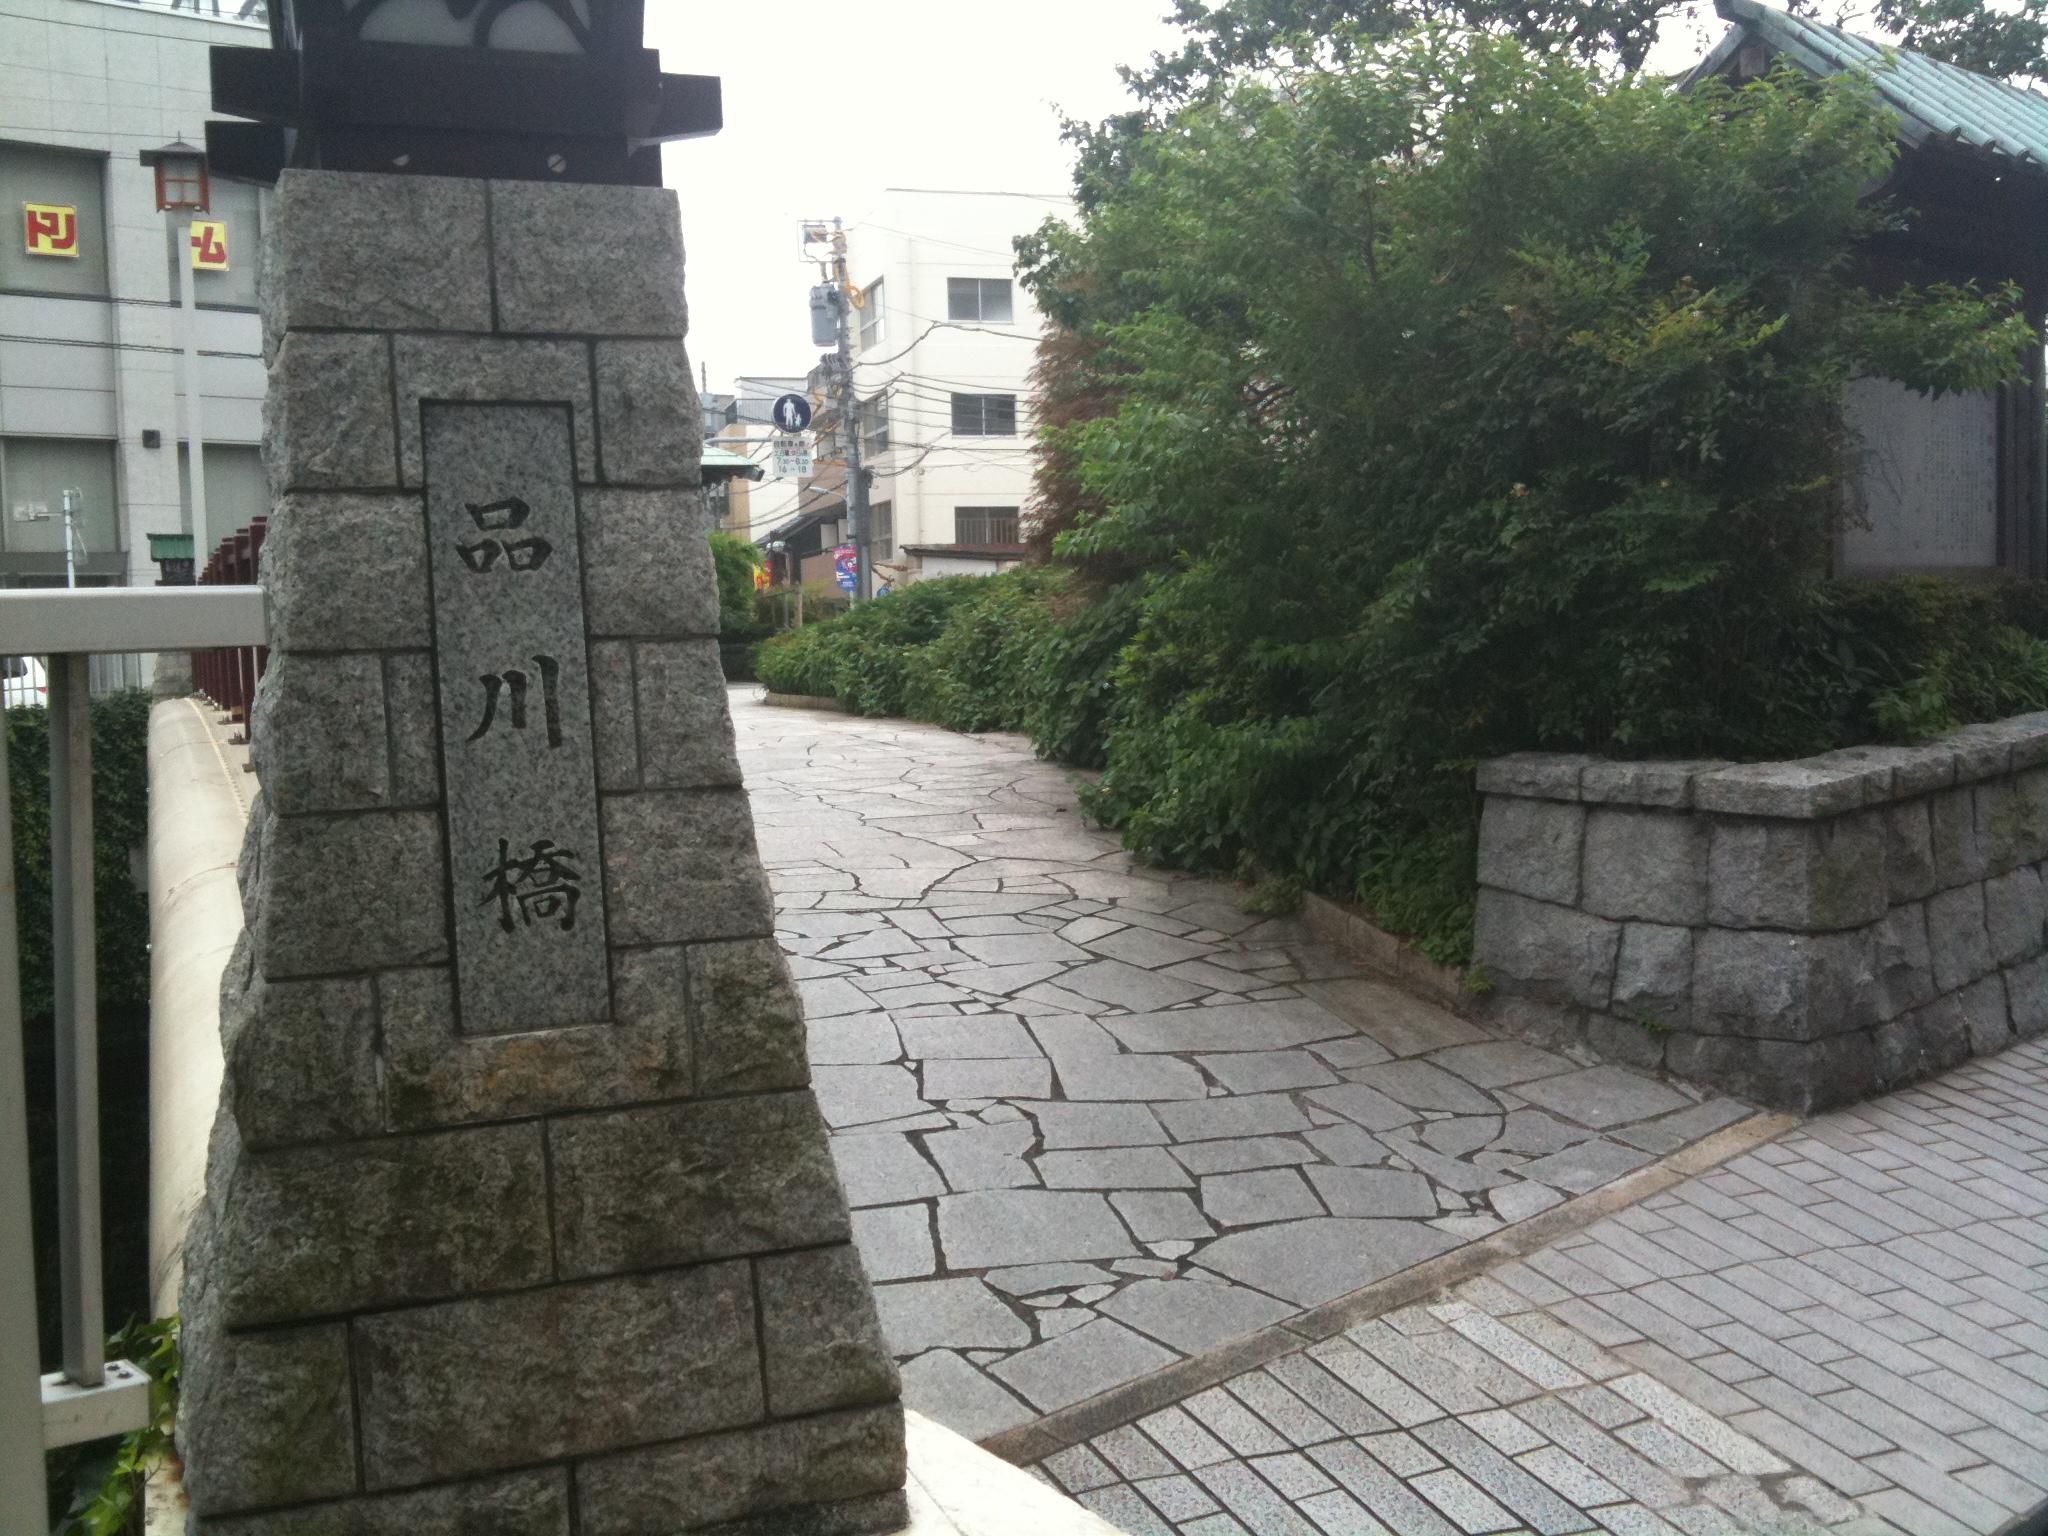 11-1 品川宿場散歩 写真